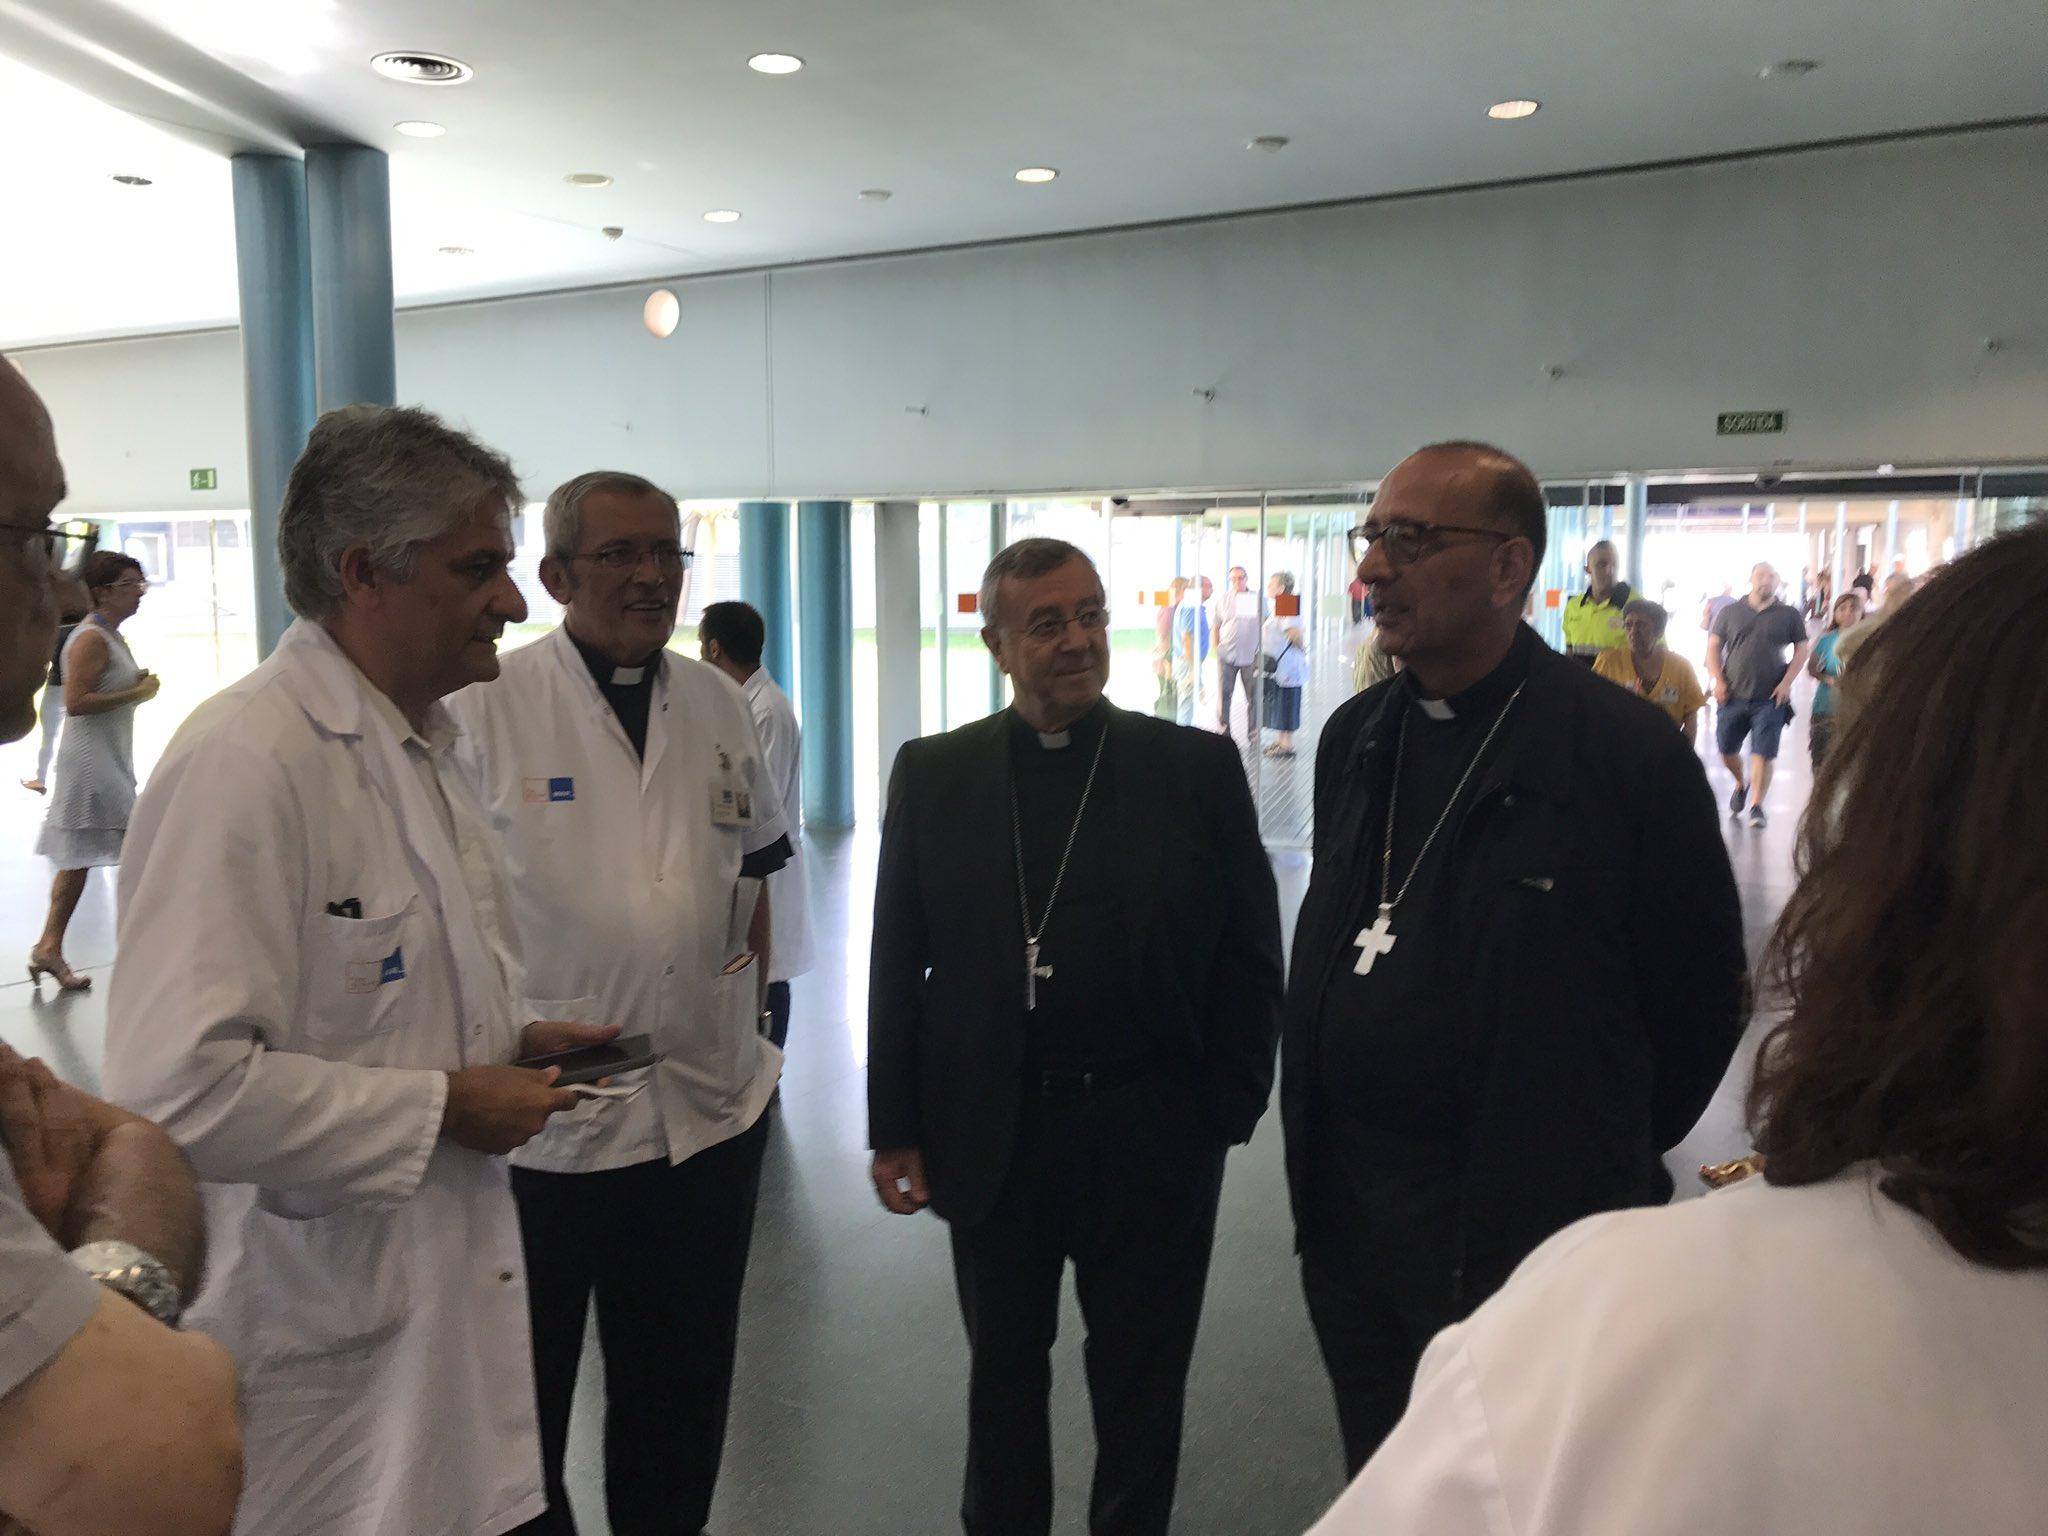 El Card. Omella y Mons. Taltavull visitan a las víctimas en el Hospital del Mar, Barcelona © Arzobispado de Barcelona